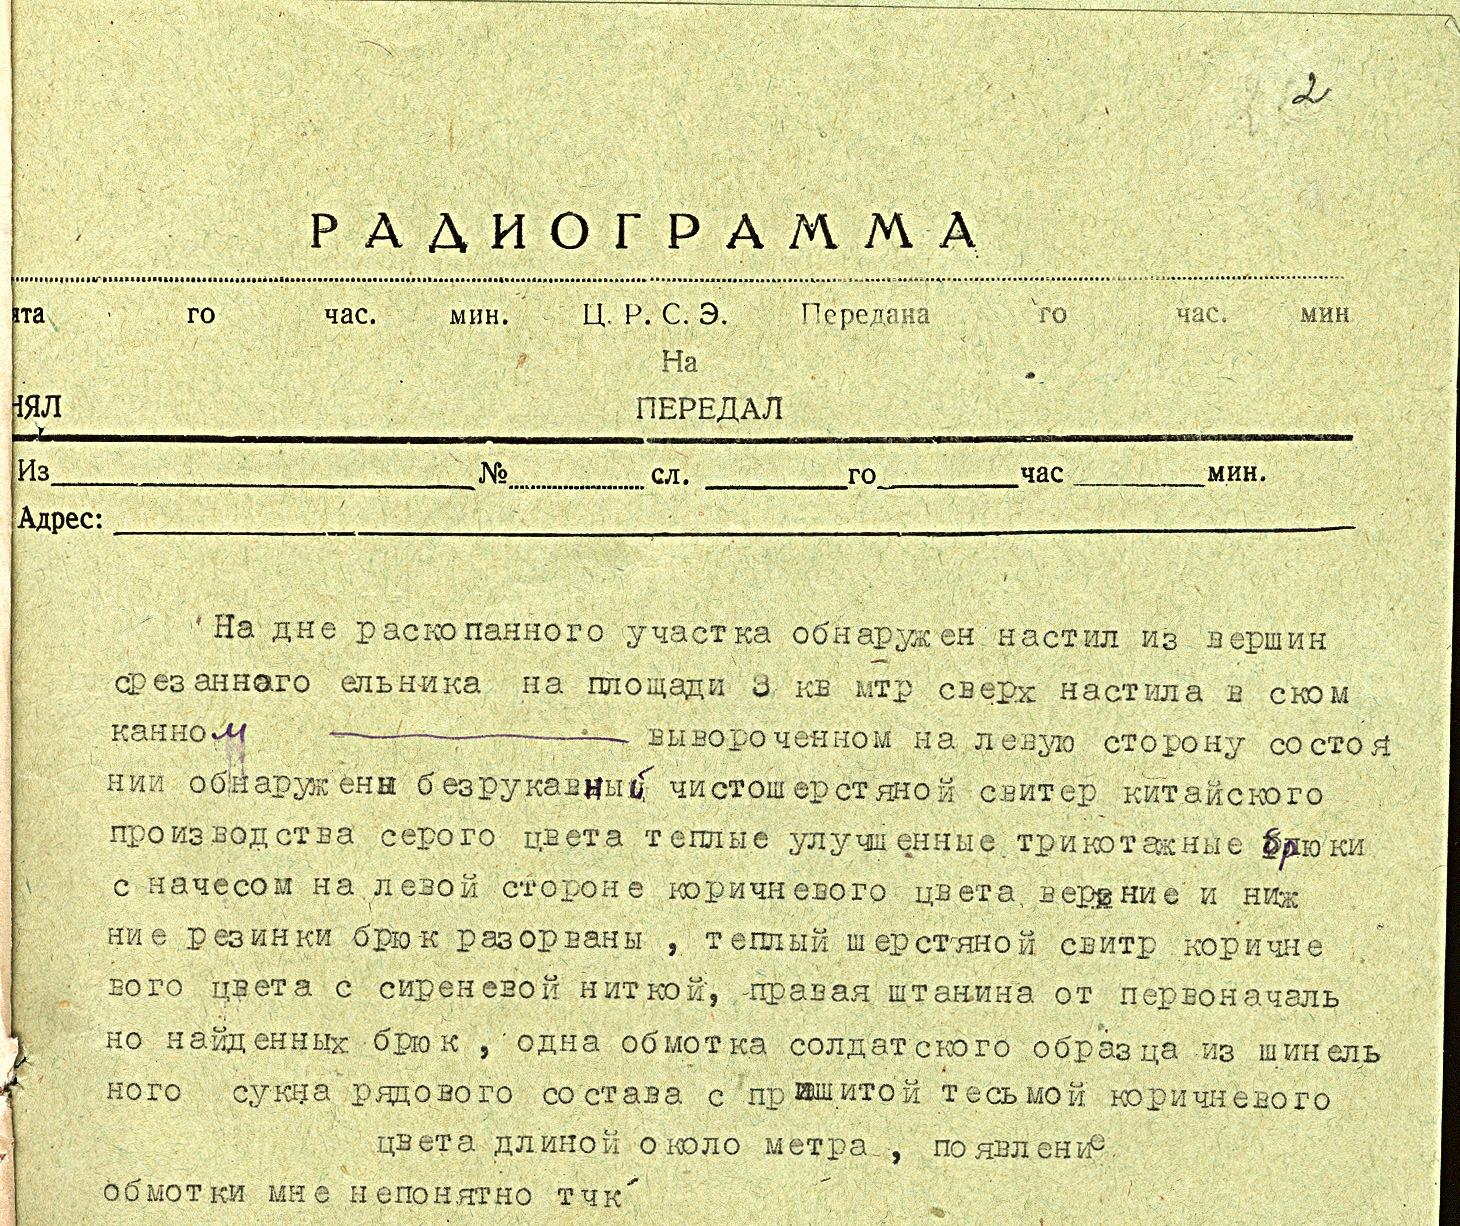 http://images.vfl.ru/ii/1413722071/727d1497/6689128.jpg